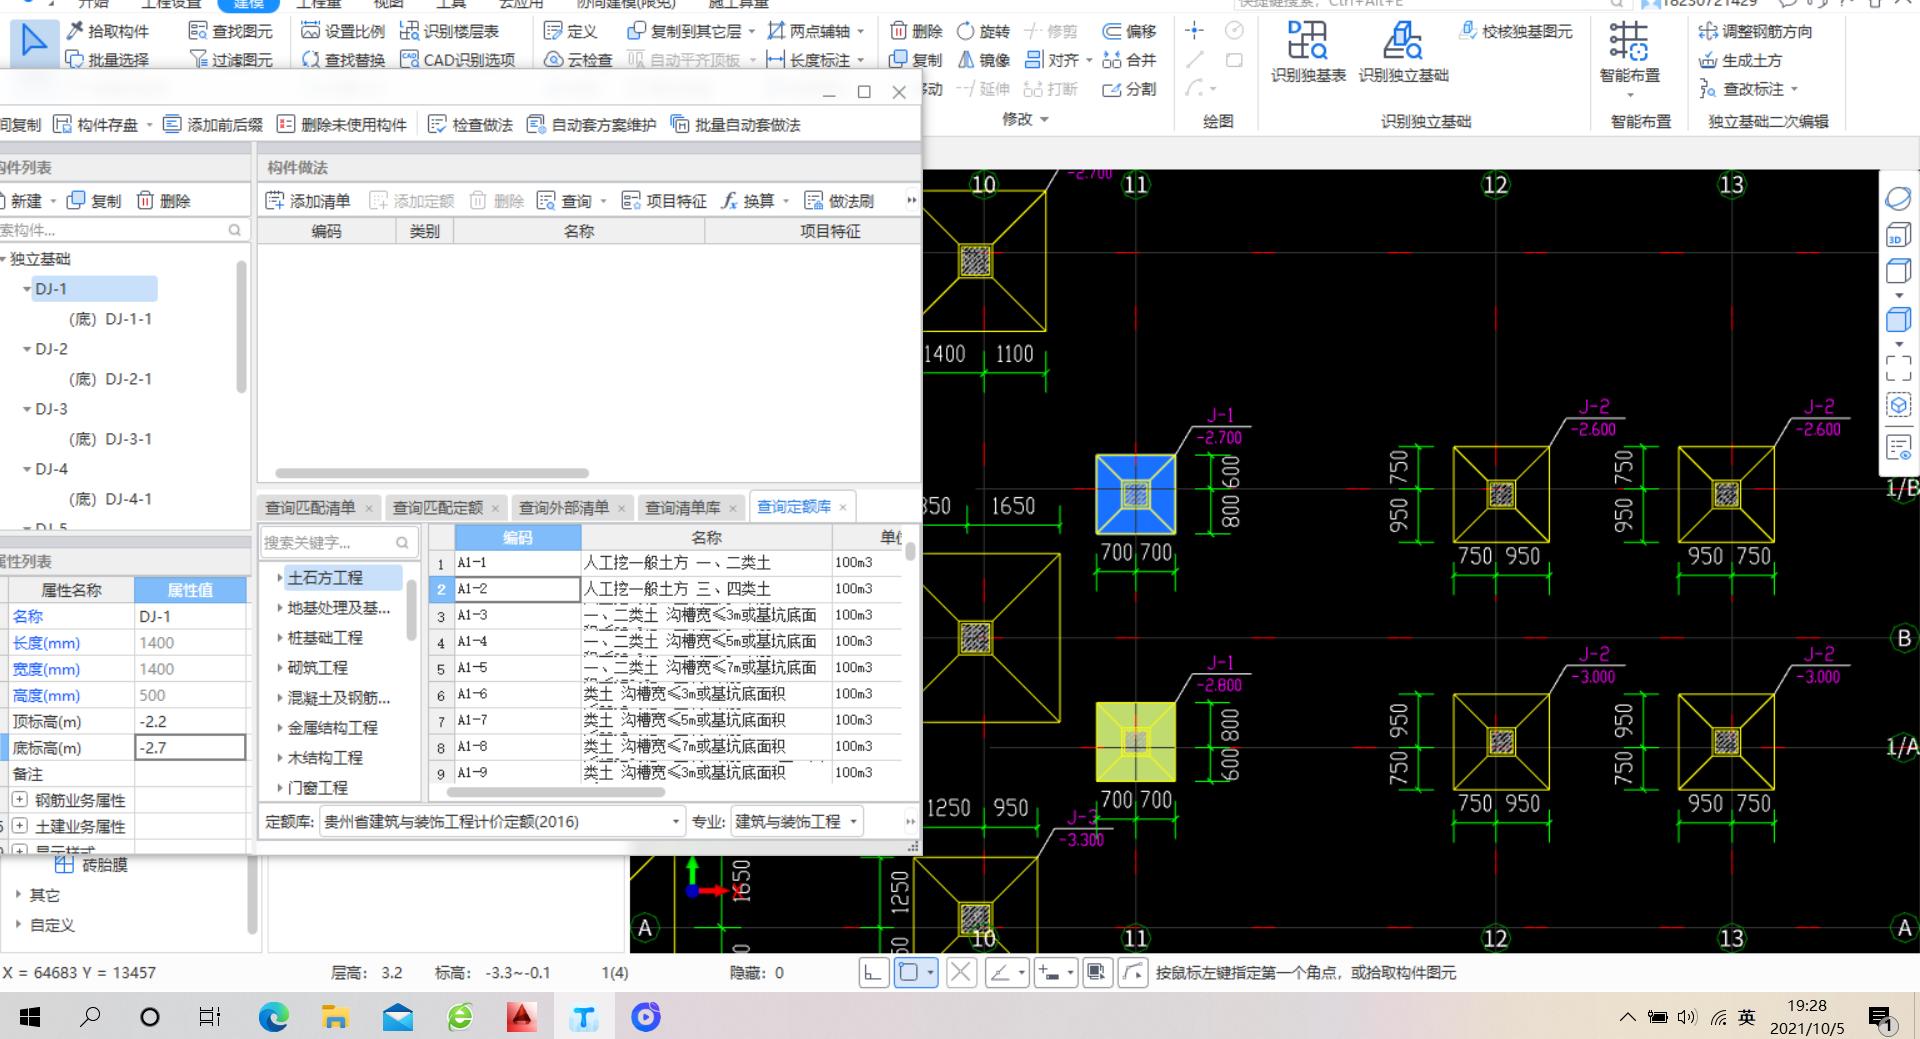 土建计量GTJ,贵州,答疑:大家好,我只想修改基础j-1其中一个的标高,为什么全部的j-1都变了呢?劳烦解答-贵州土建计量GTJ,